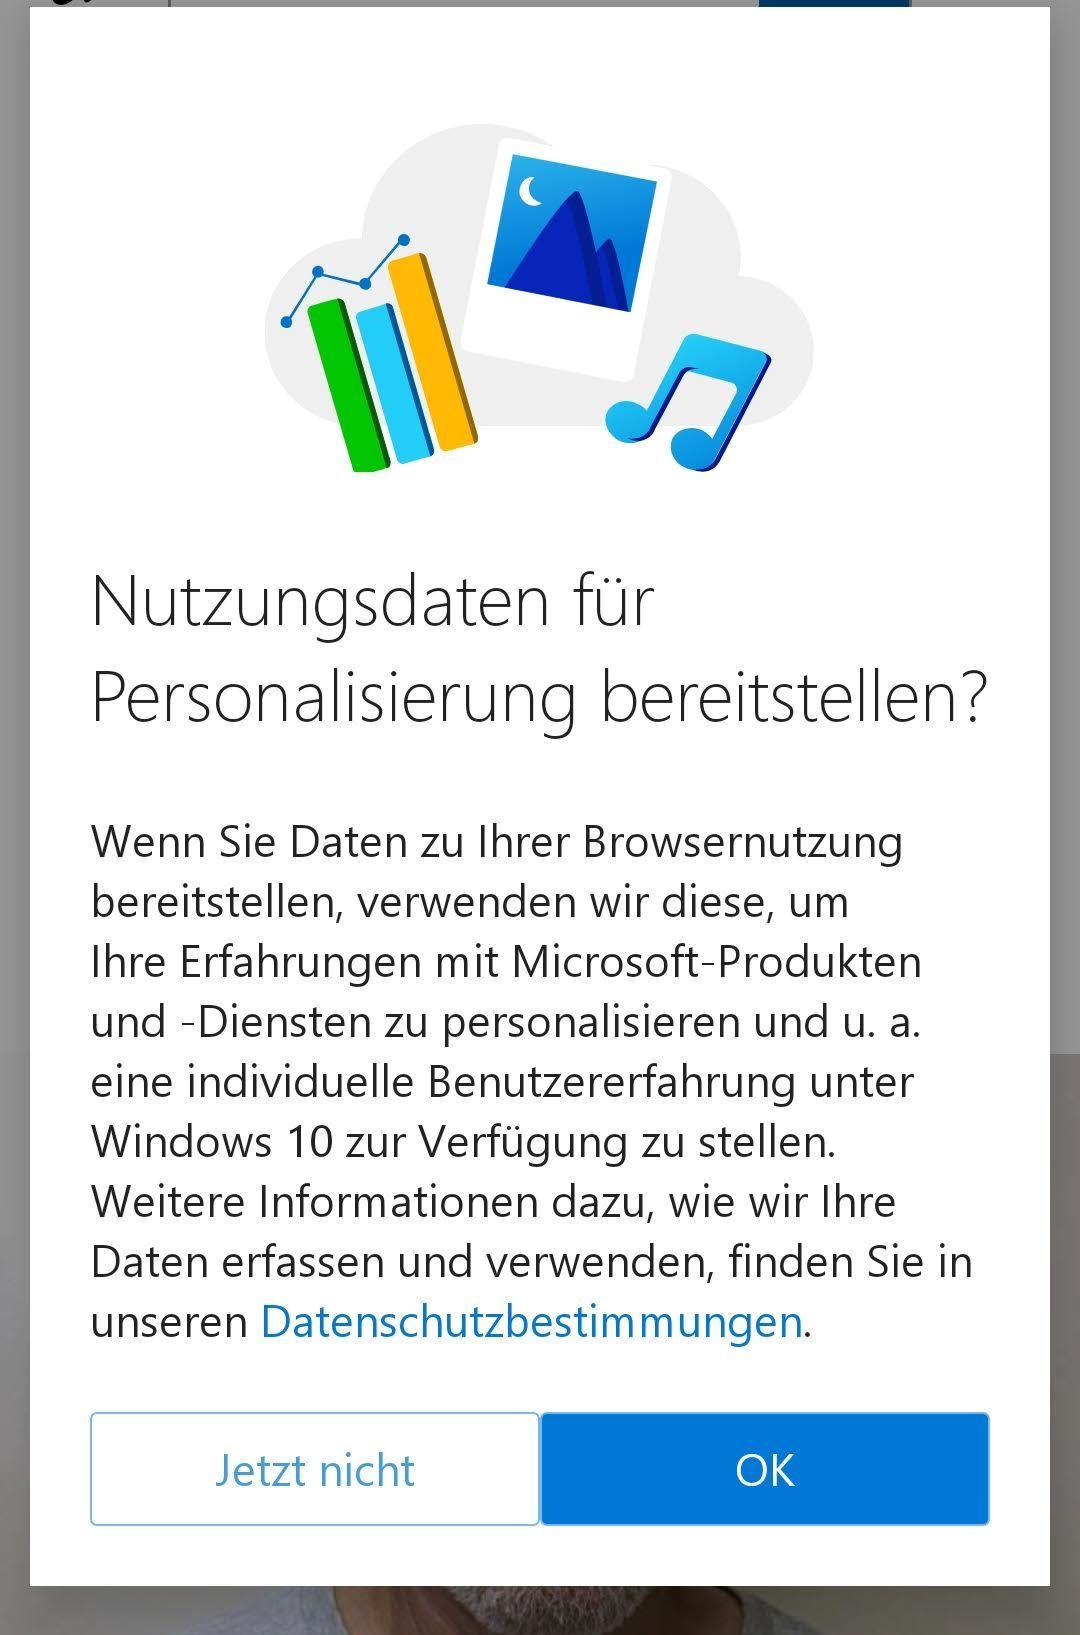 Microsoft Edge fragt nach Einverständnis zur Auswertung von Nutzungsdaten